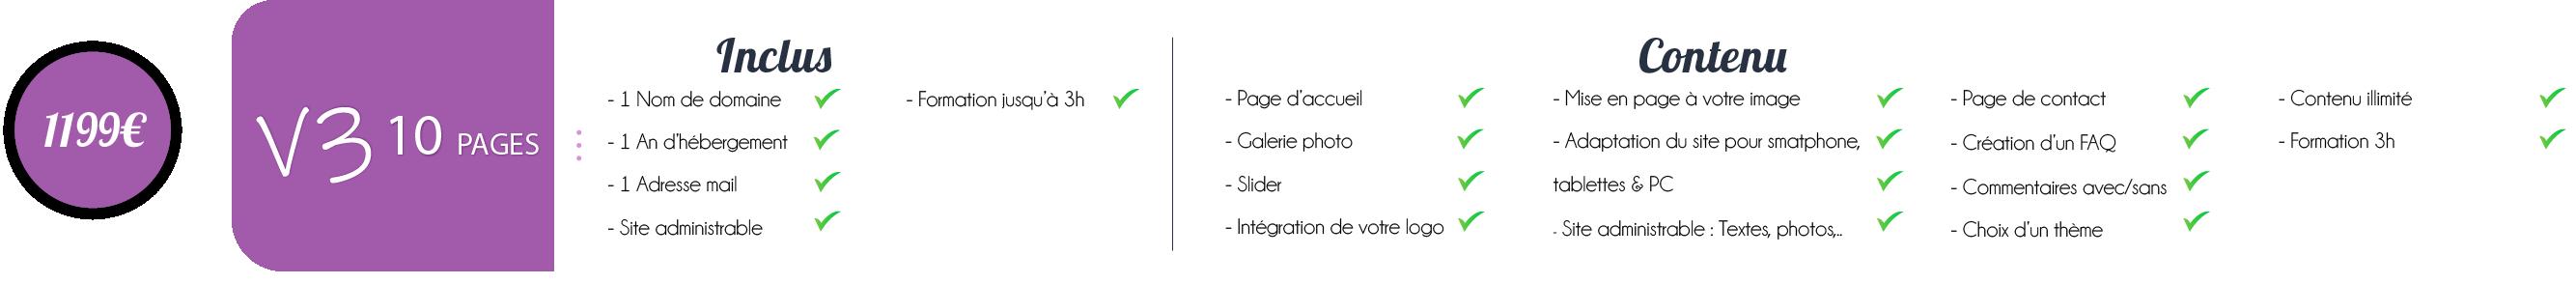 webmaster-webdesigner-agence-site-vitrine-pas-cher-corse-porto-vecchio-marseille